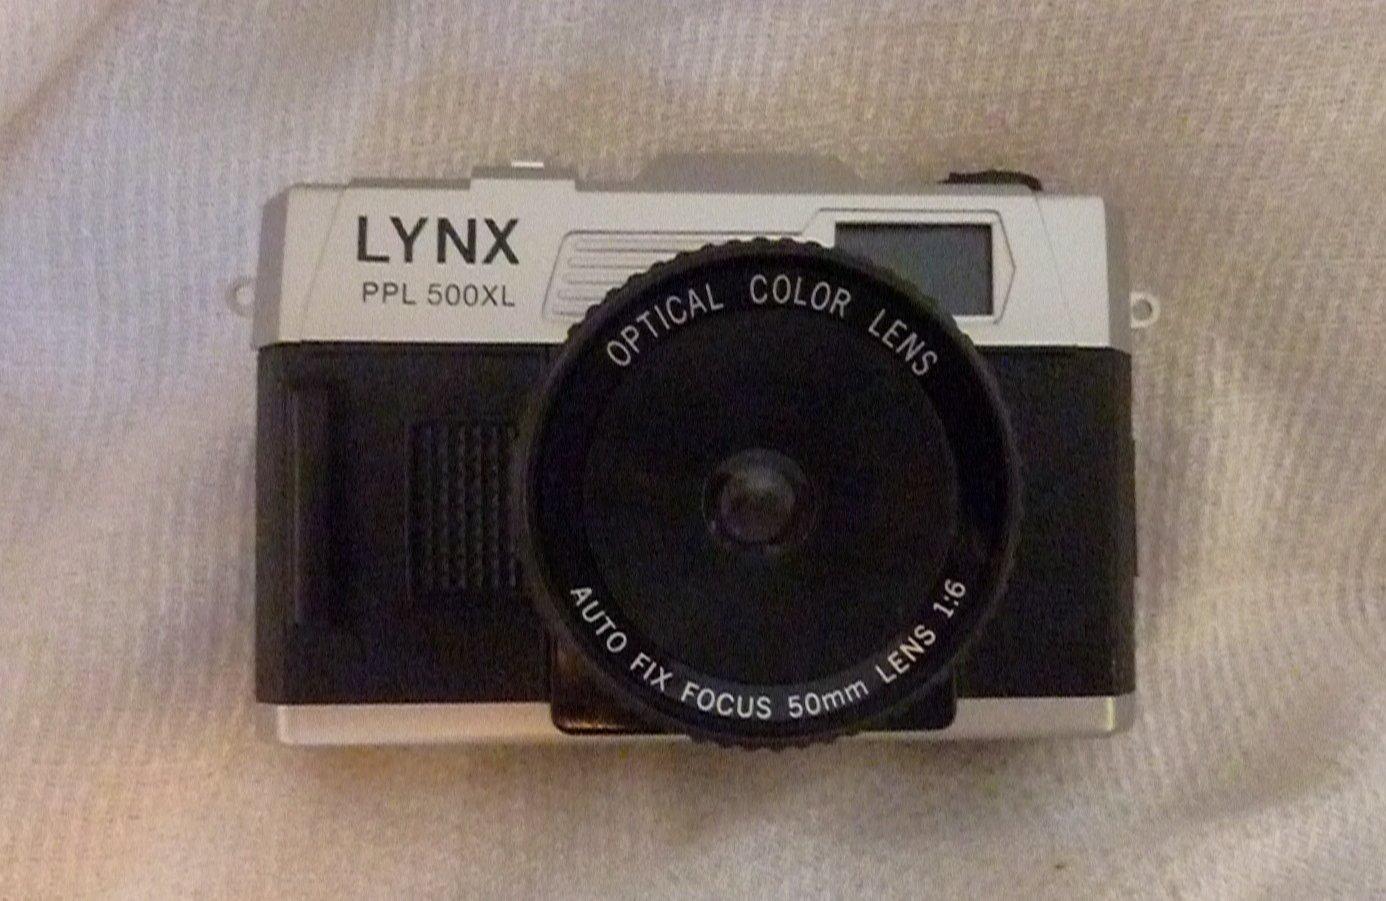 Lynx PPL 500XL 35 mm Camera